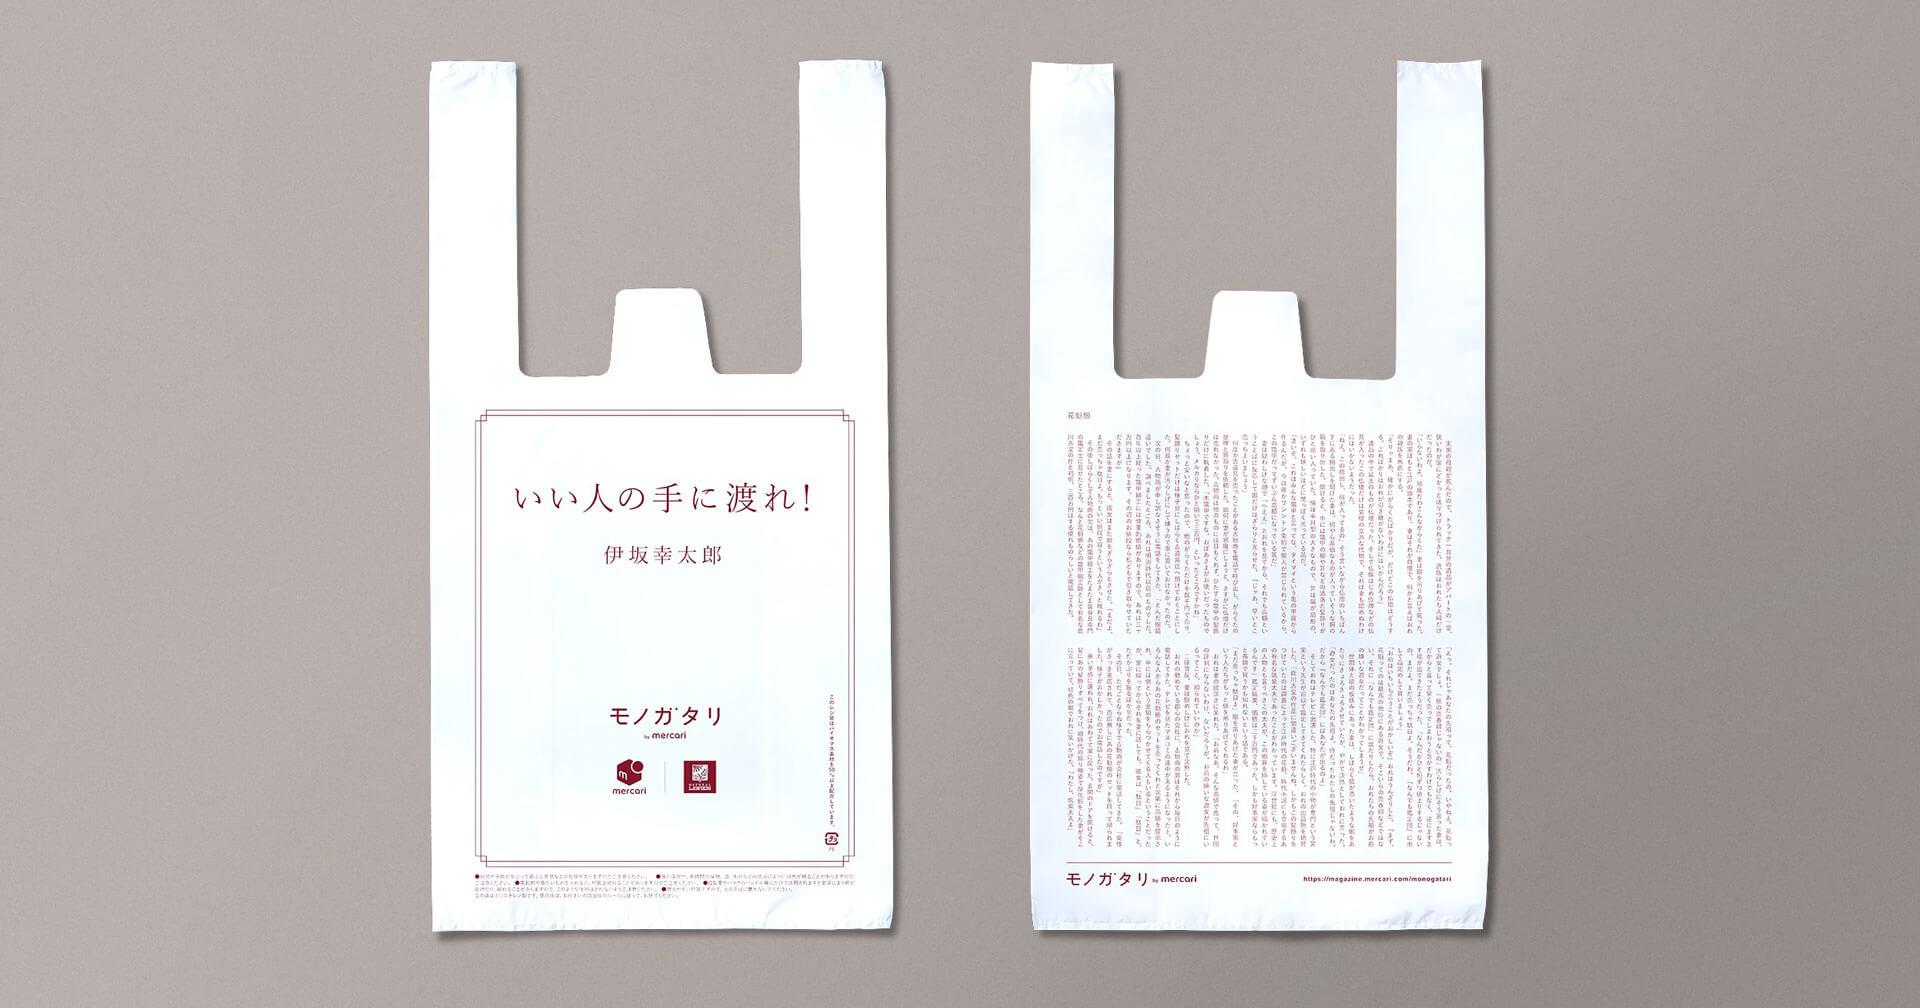 """メルカリ×ローソンが仕掛けた使い続けたくなる""""読むレジ袋""""通常は捨てられてしまうレジ袋に付加価値を与えた"""